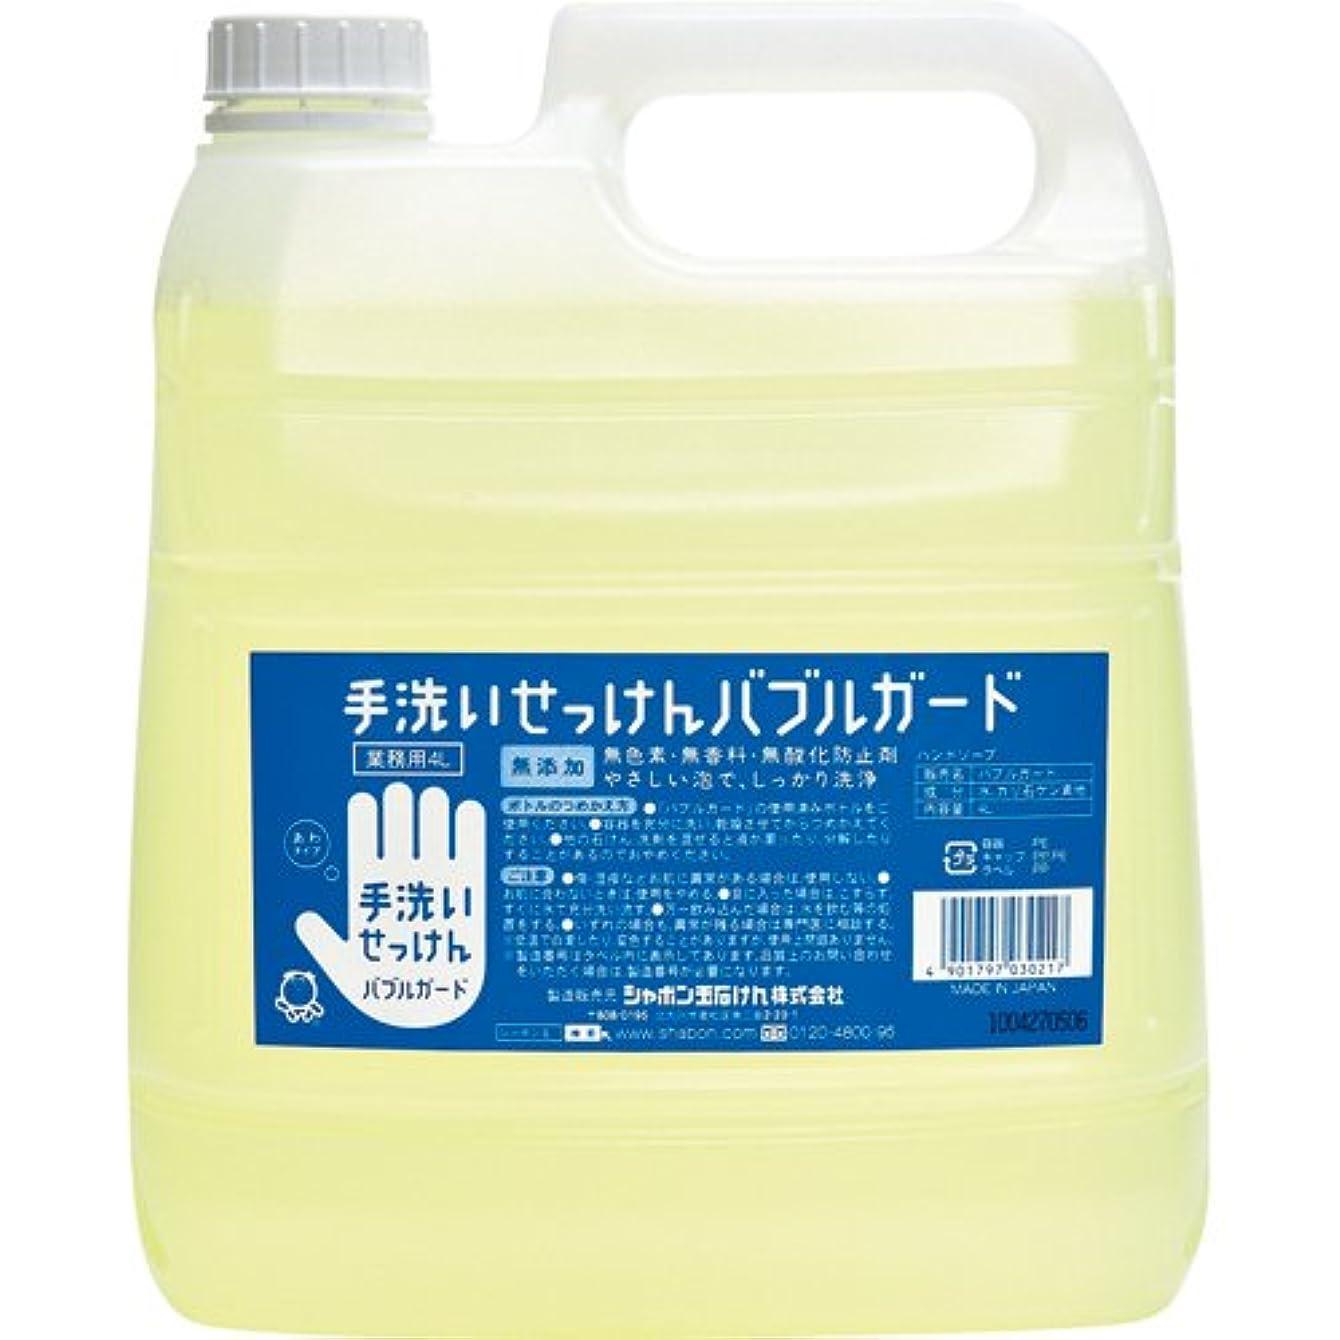 売り手賢明なトリップ[シャボン玉石けん 1692542] (ケア商品)手洗いせっけん バブルガード 泡タイプ 業務用 4L